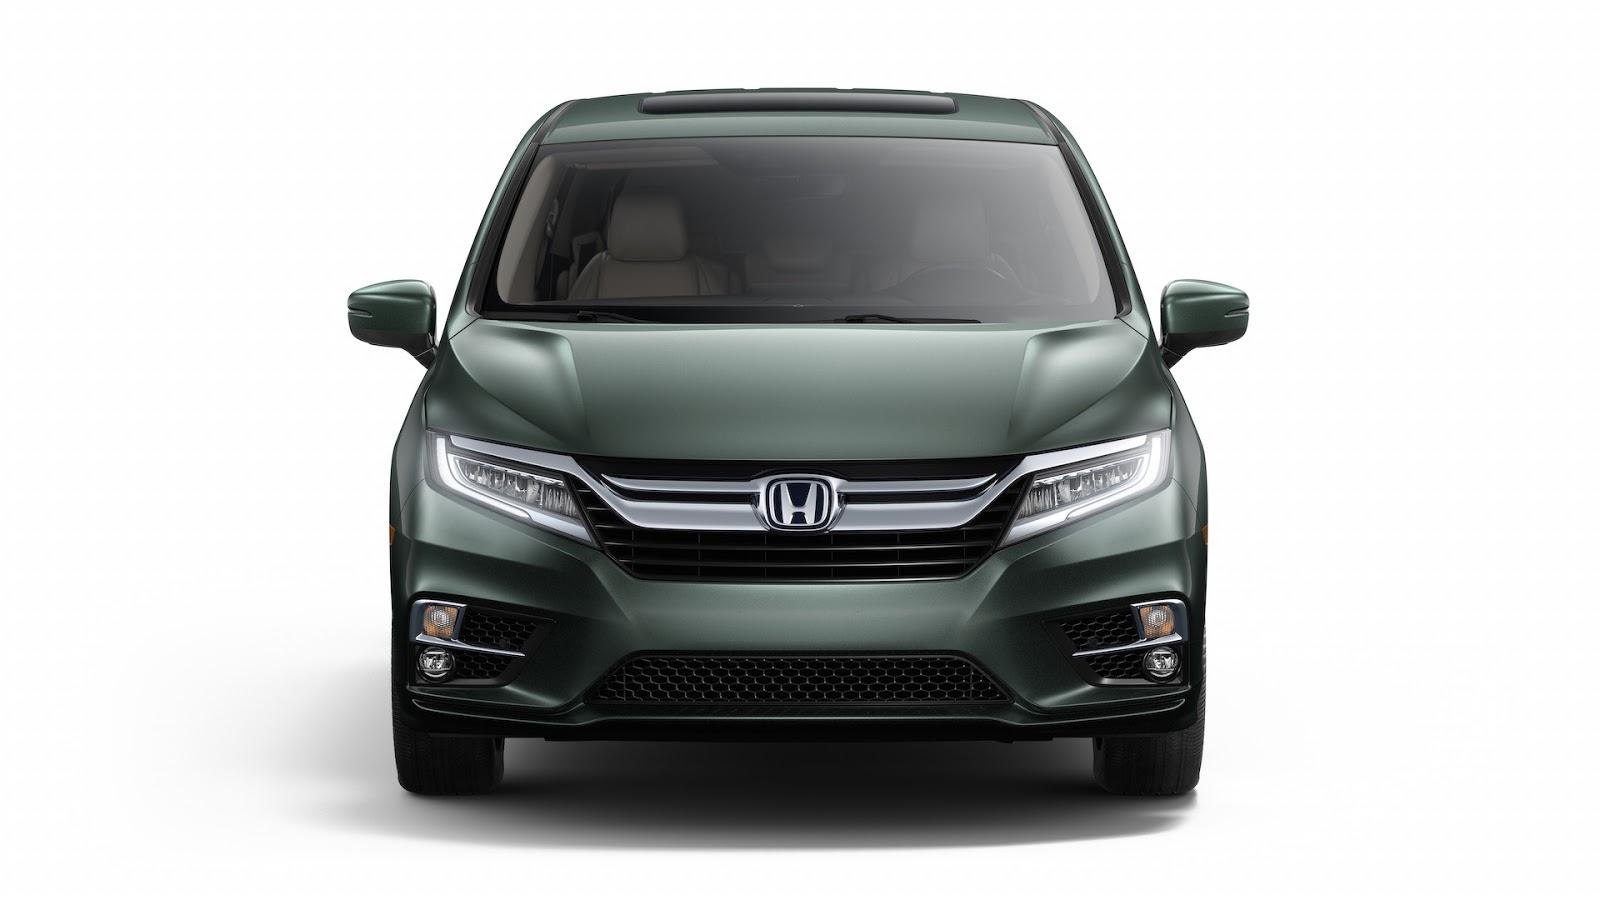 Honda Odyssey 2018 thêm tính năng dành riêng cho gia đình - ảnh 3